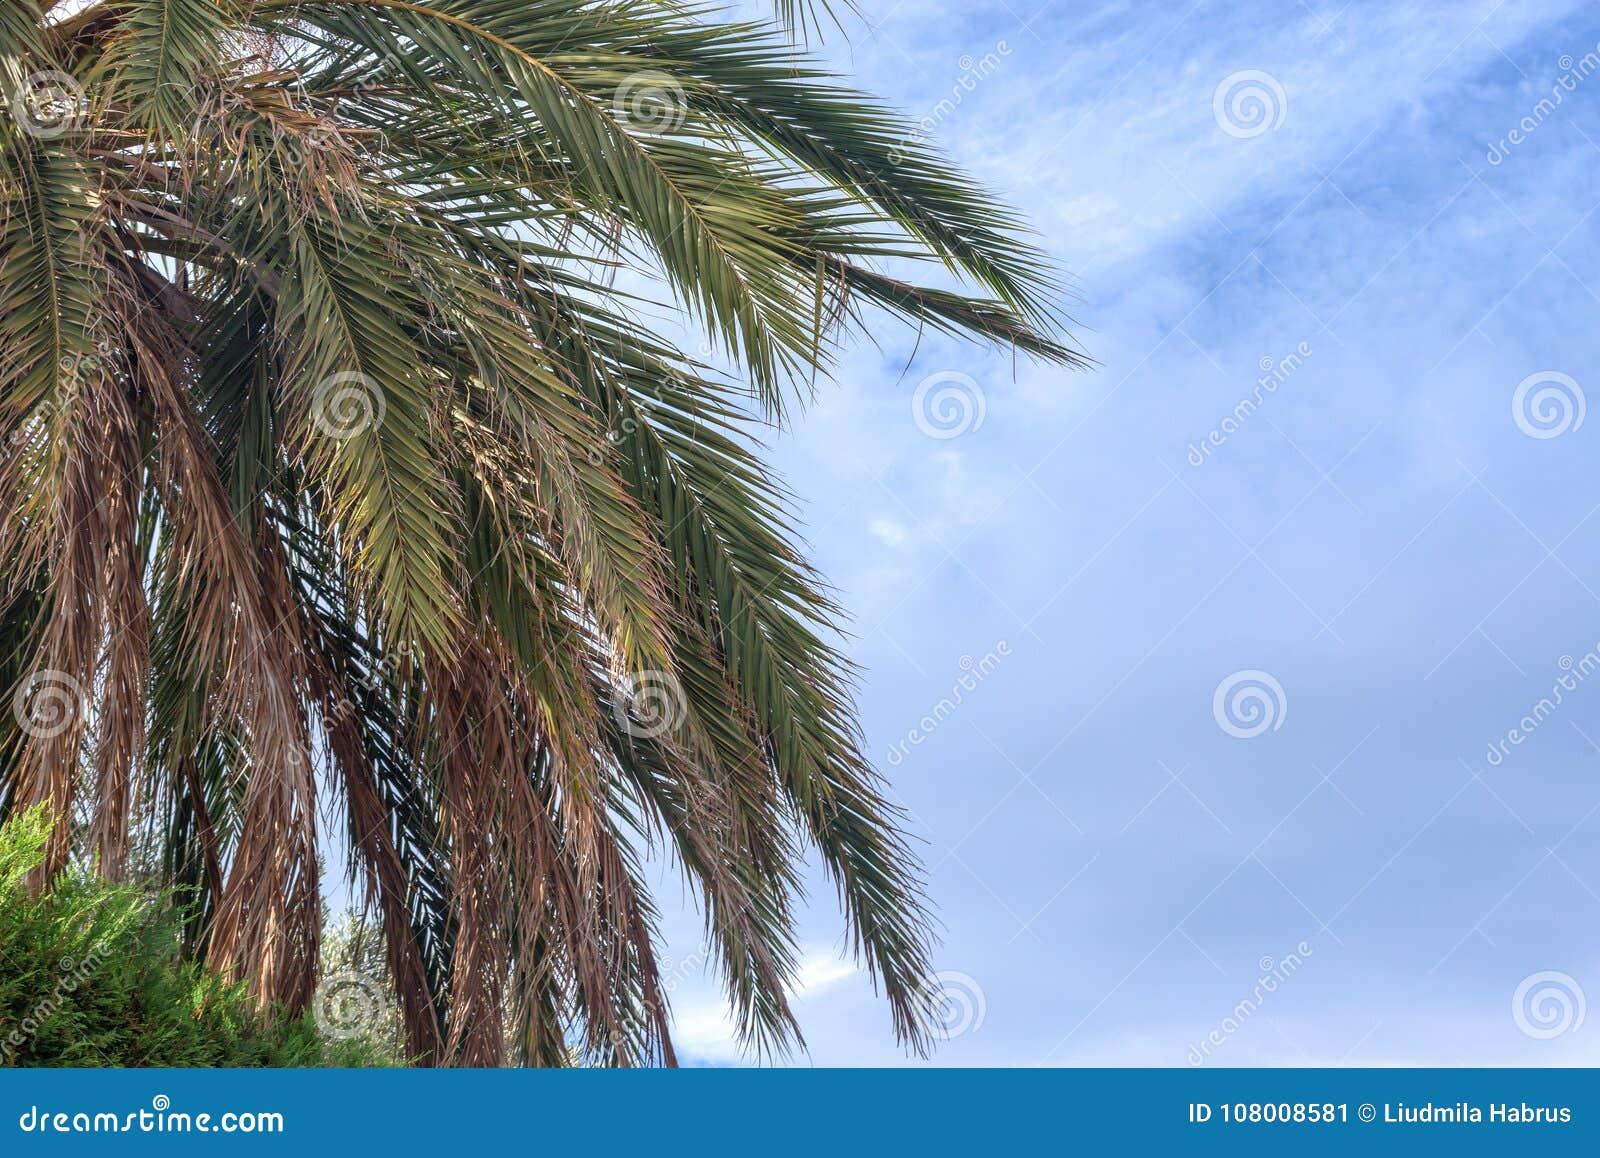 palmier en espagnol